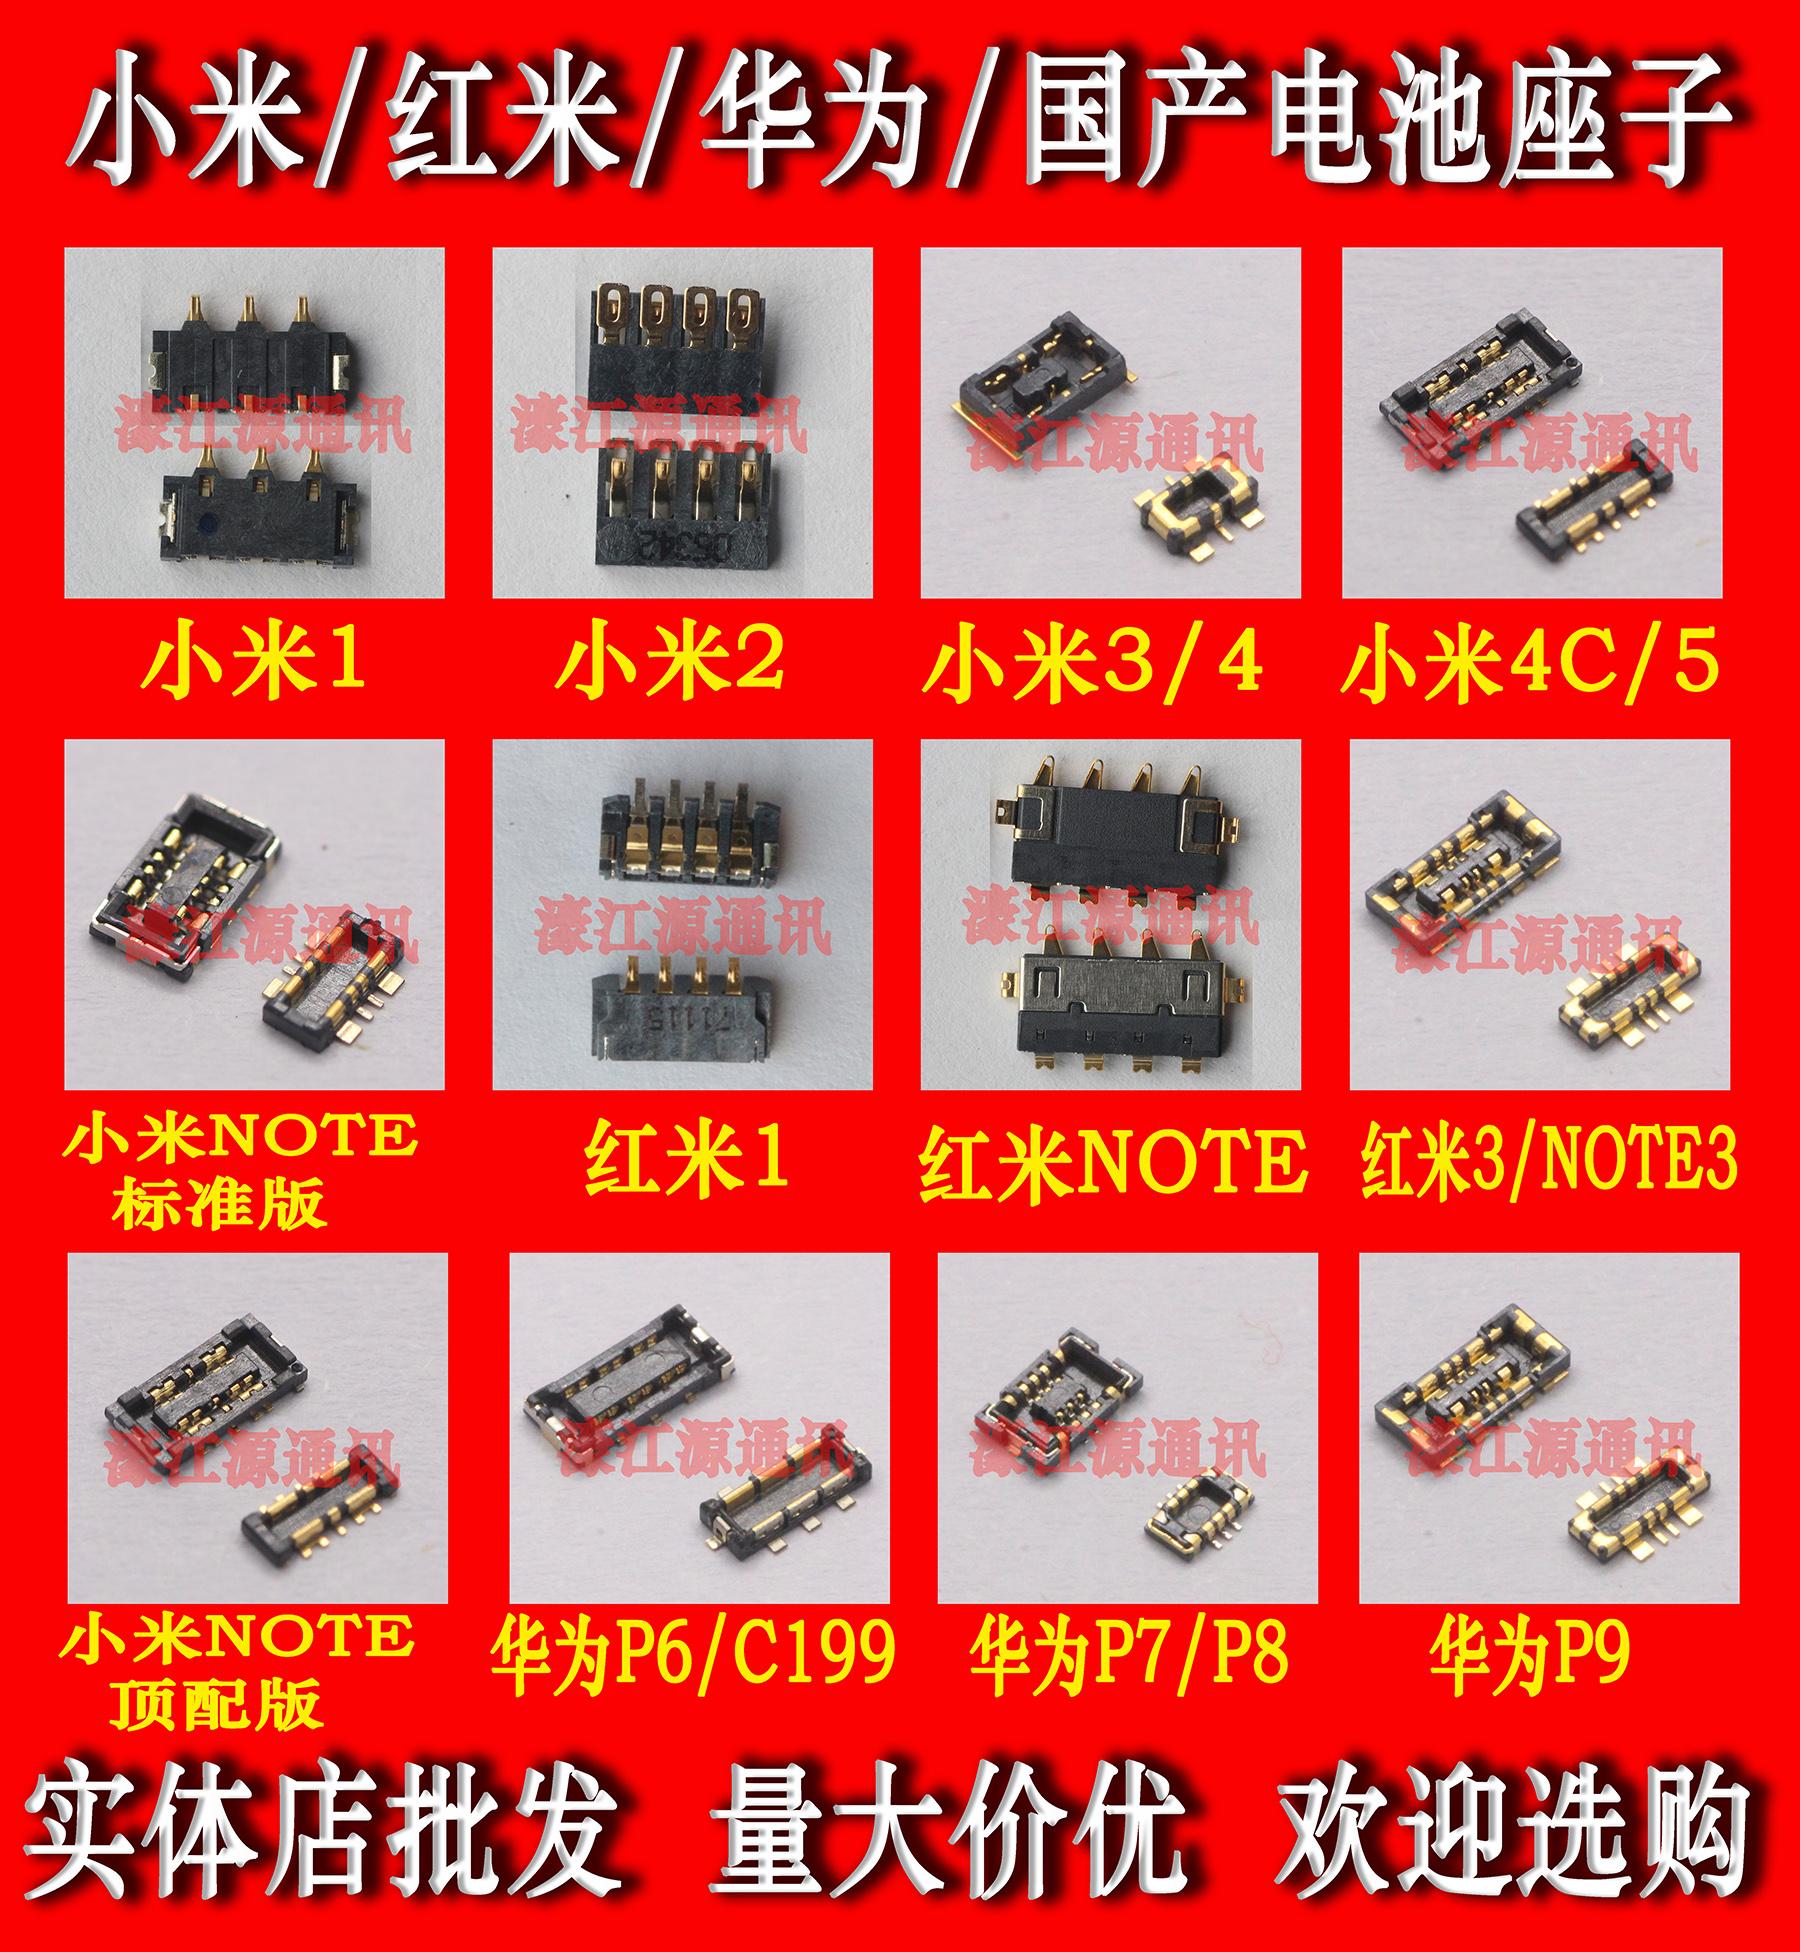 红米Note/1S 小米5电池座子M2/2S M3 小米Note电池触脚小米4C触片